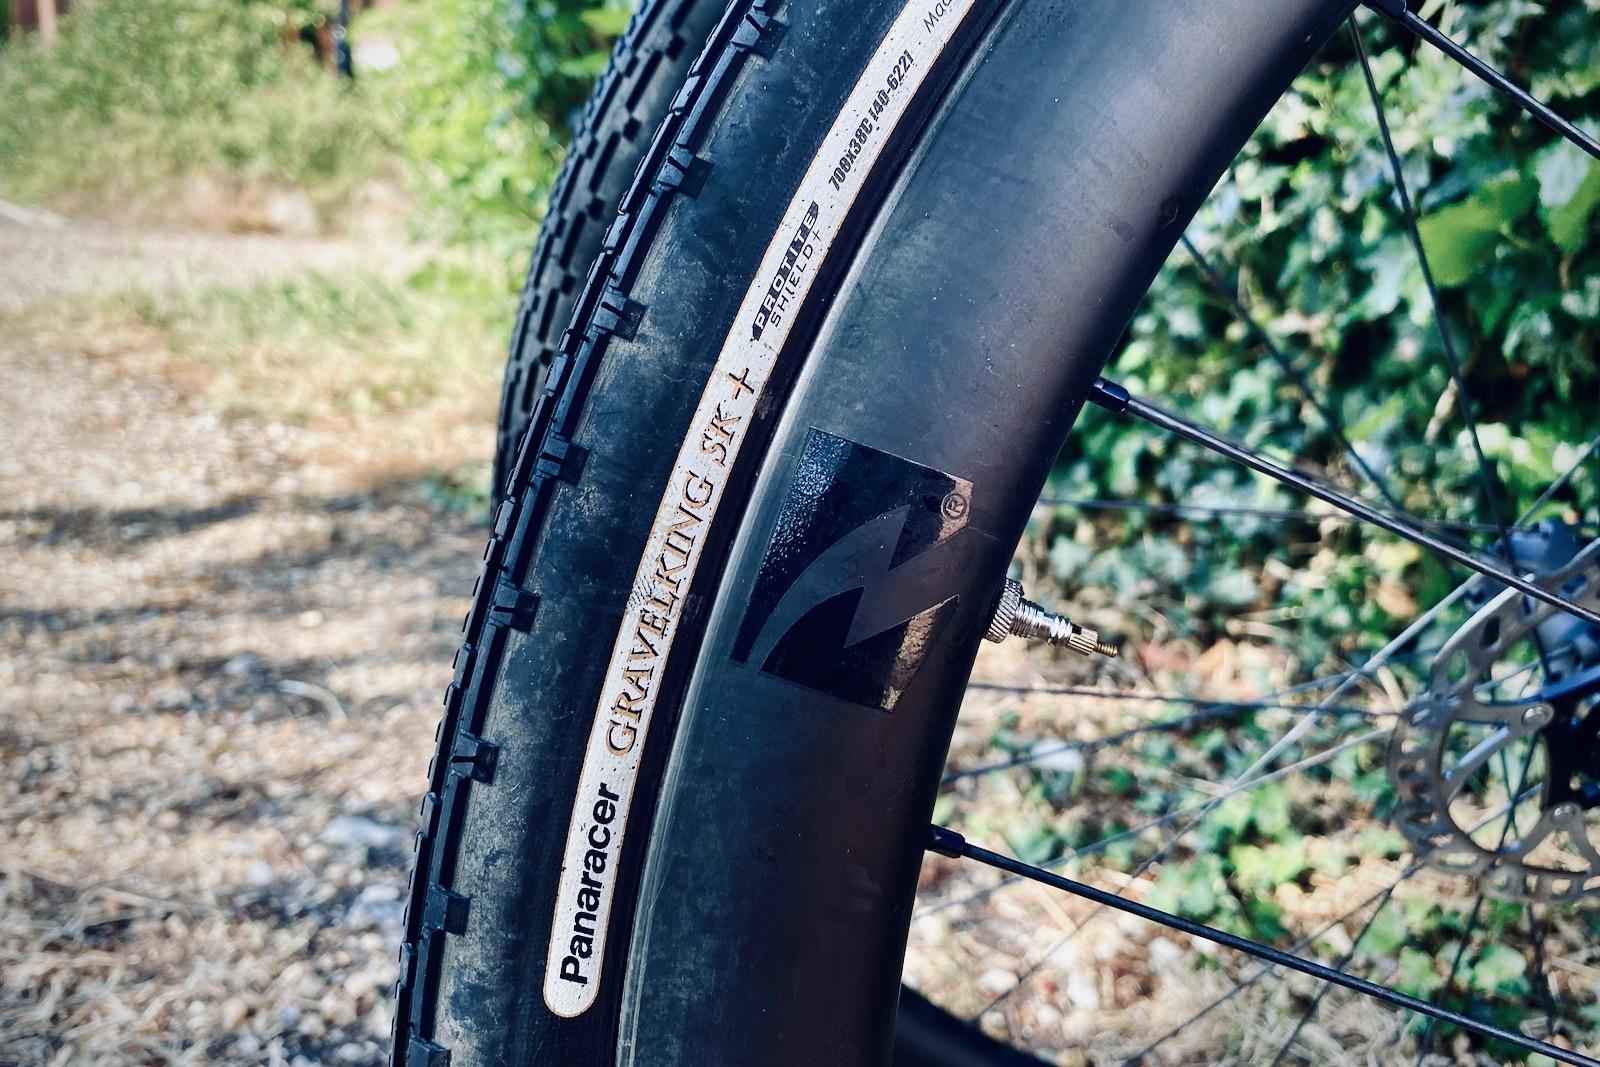 Panaracer Gravelking SK+ Gravel Tyres